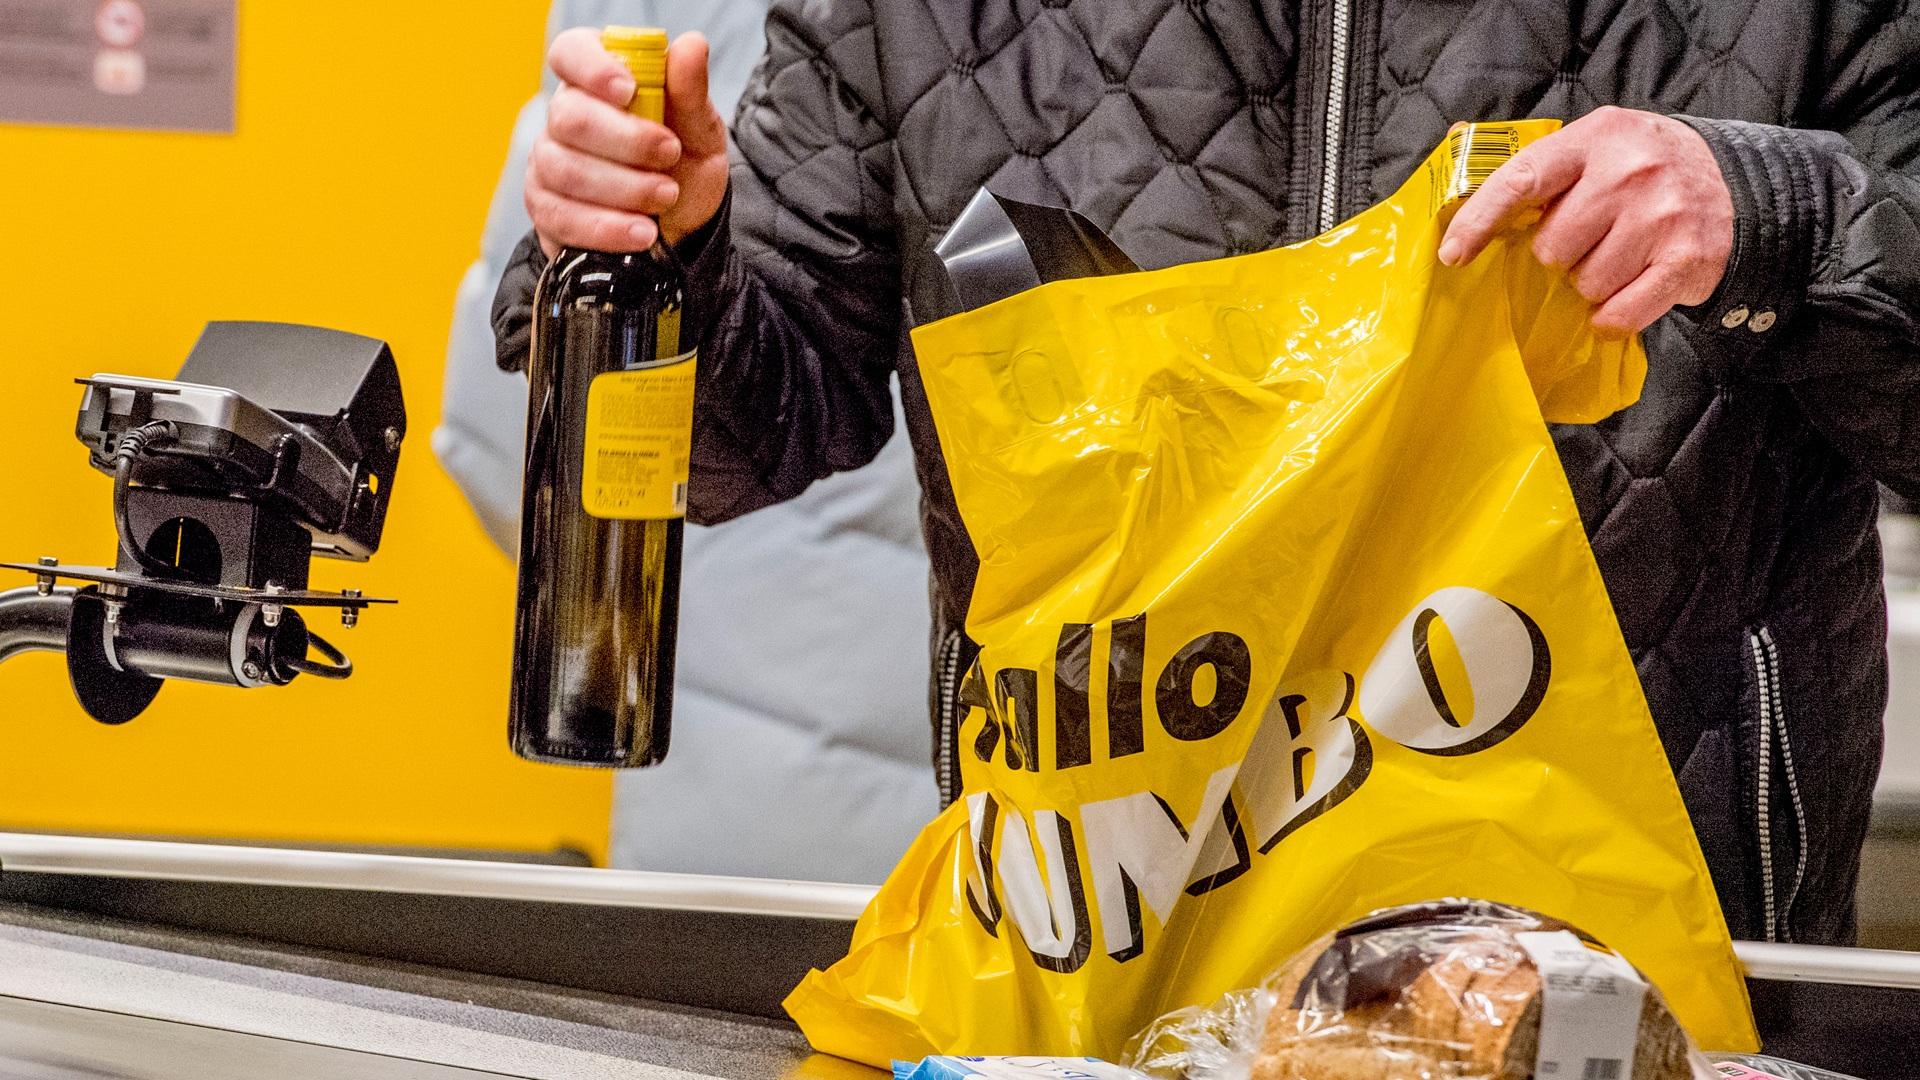 Overzicht openingstijden supermarkten Oudjaarsdag Nieuwjaarsdag 2019 2020 jaarwisseling jumbo